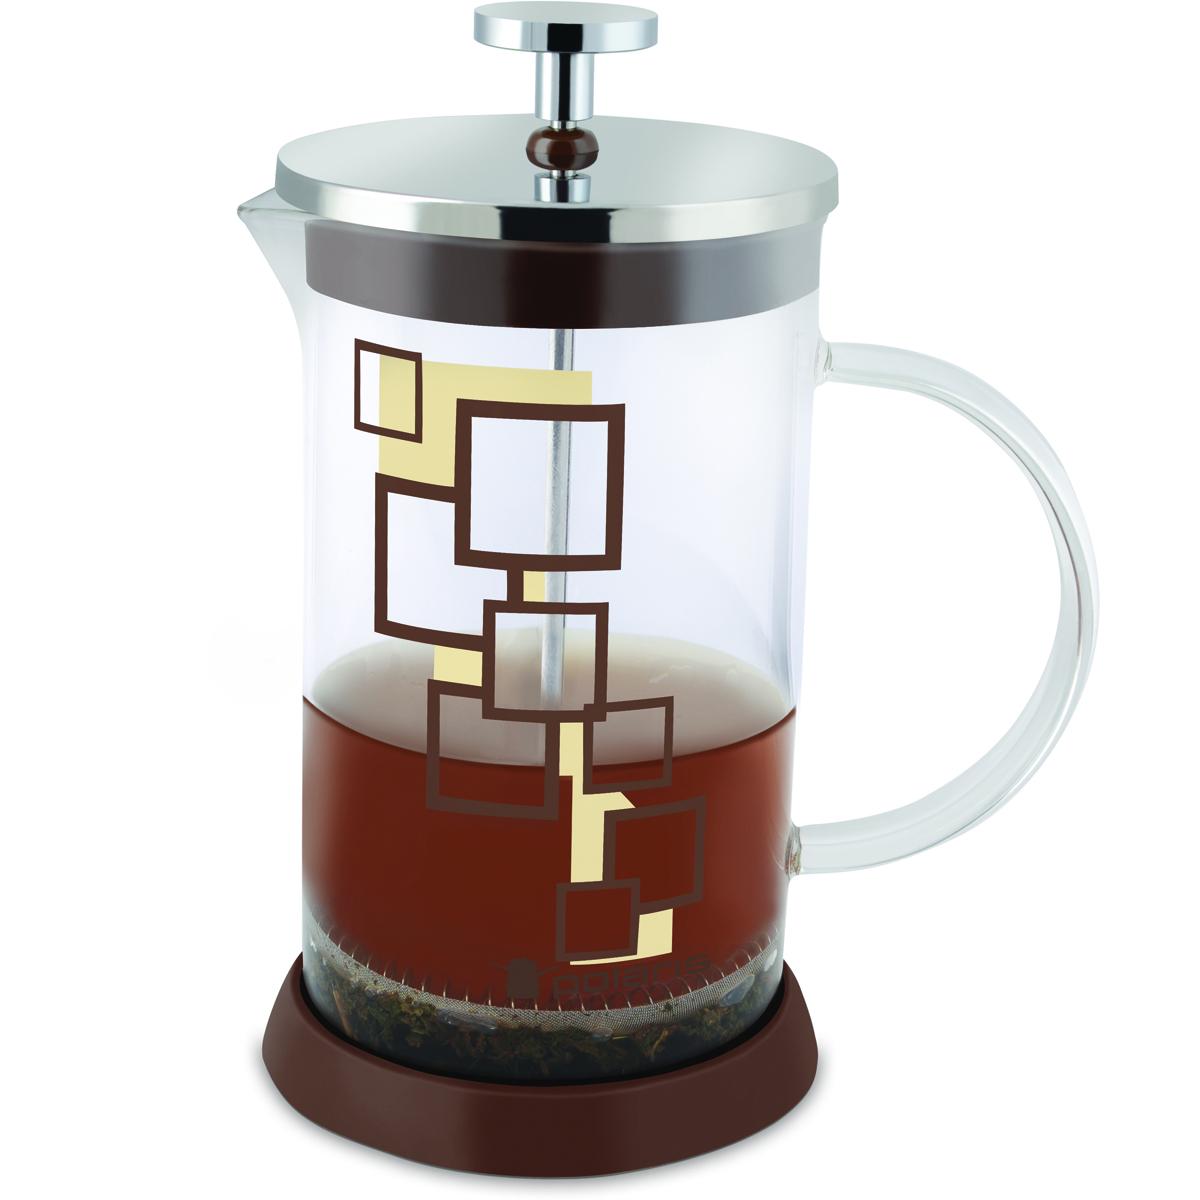 Френч-пресс Polaris Pixel-350FP, 350 млPixel-350FPЭксклюзивный дизайн. Подходит для заваривания кофе и чая. Колба из жаропрочного стекла. Эргономичный поршень с фильтром из нержавеющей стали 18/10 Подставка из высококачественного силикона для удобства использования